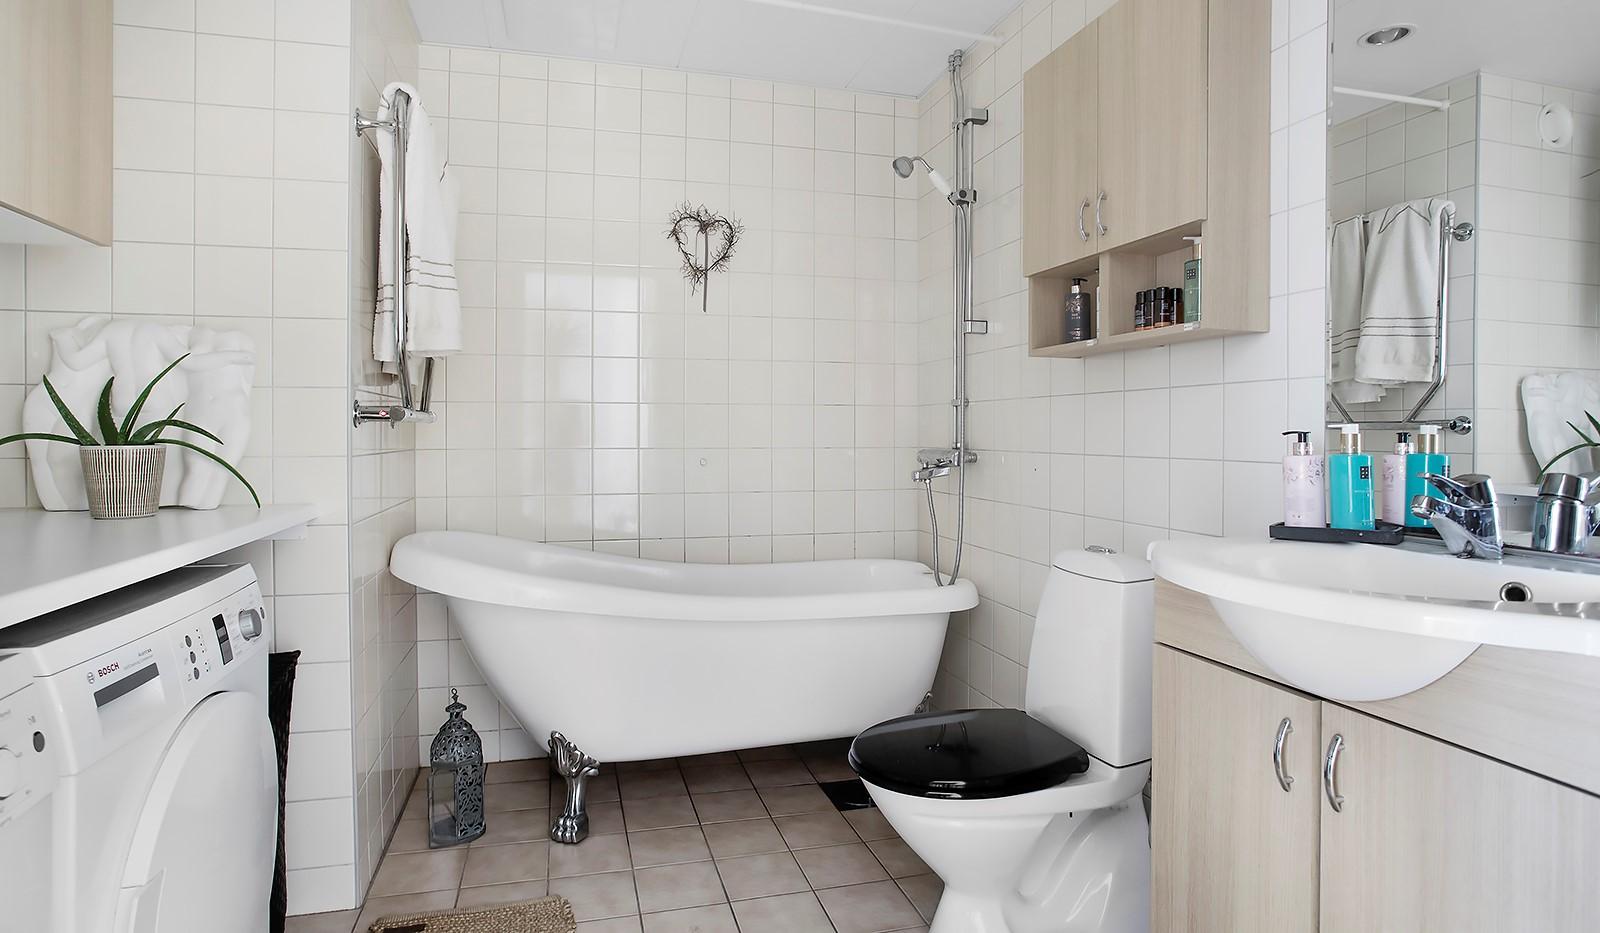 Vinodlargatan 7, 1tr - Stilrent och fullt utrustat badrum